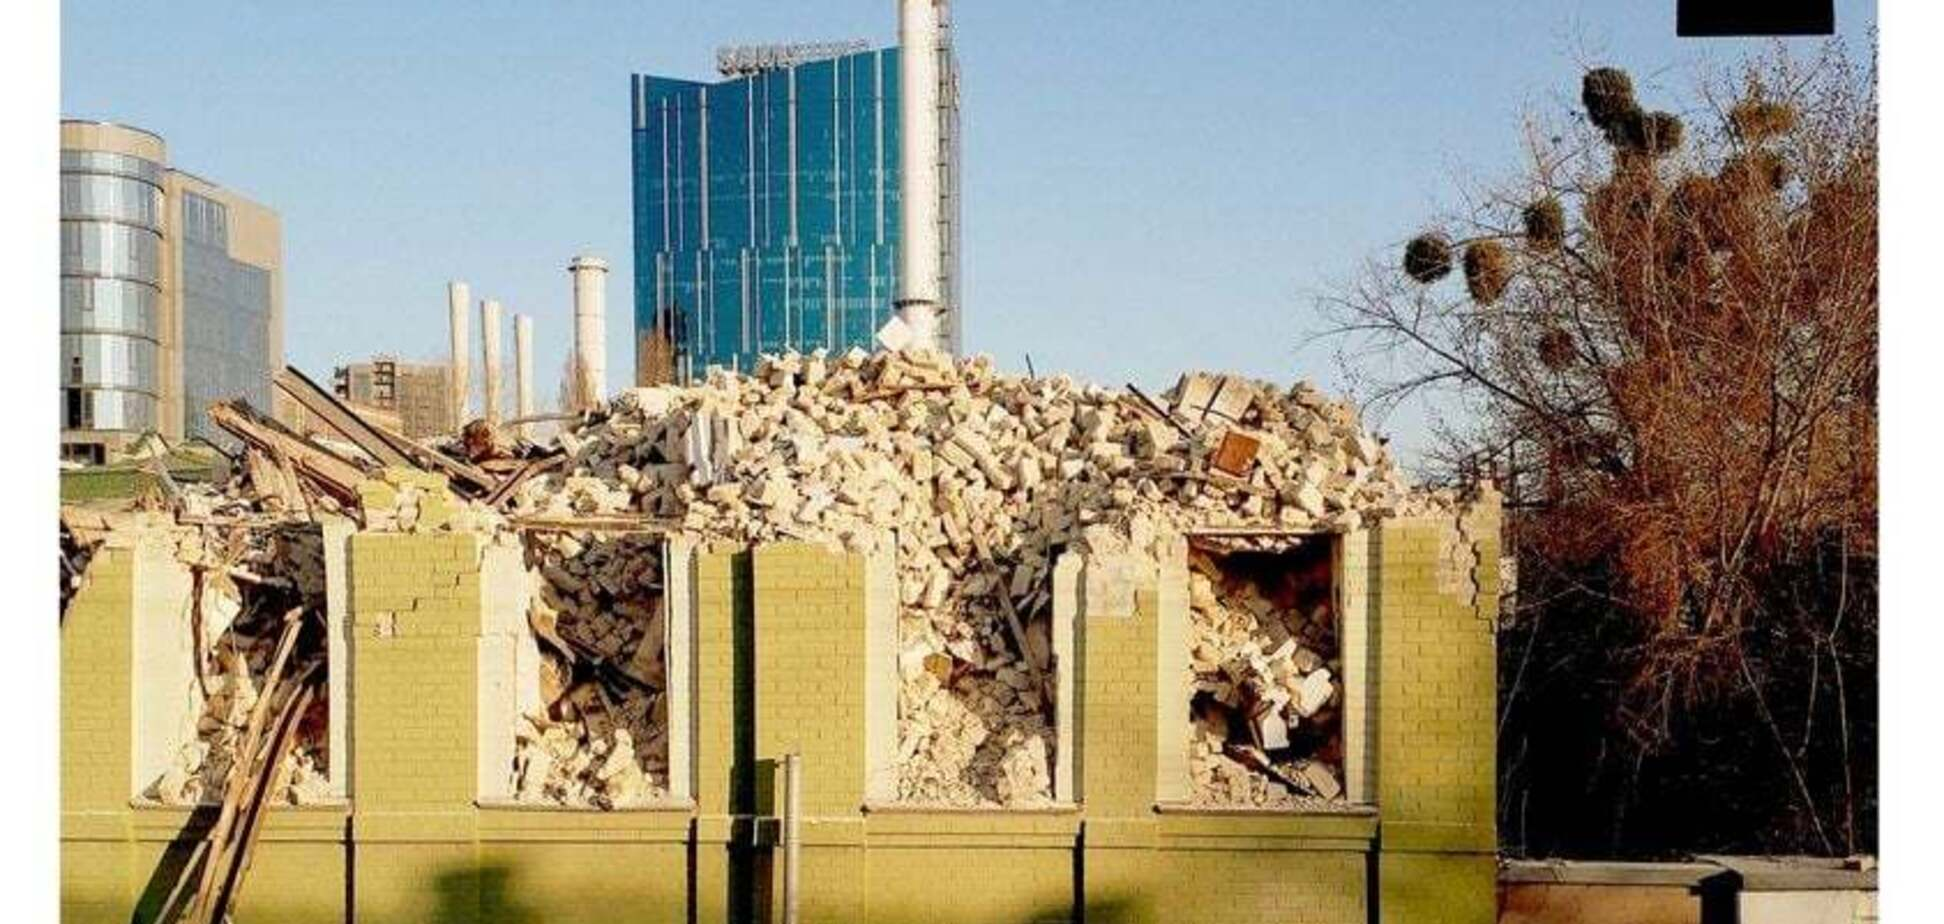 Столична влада вимагатиме від уряду зупинити знищення старого Києва